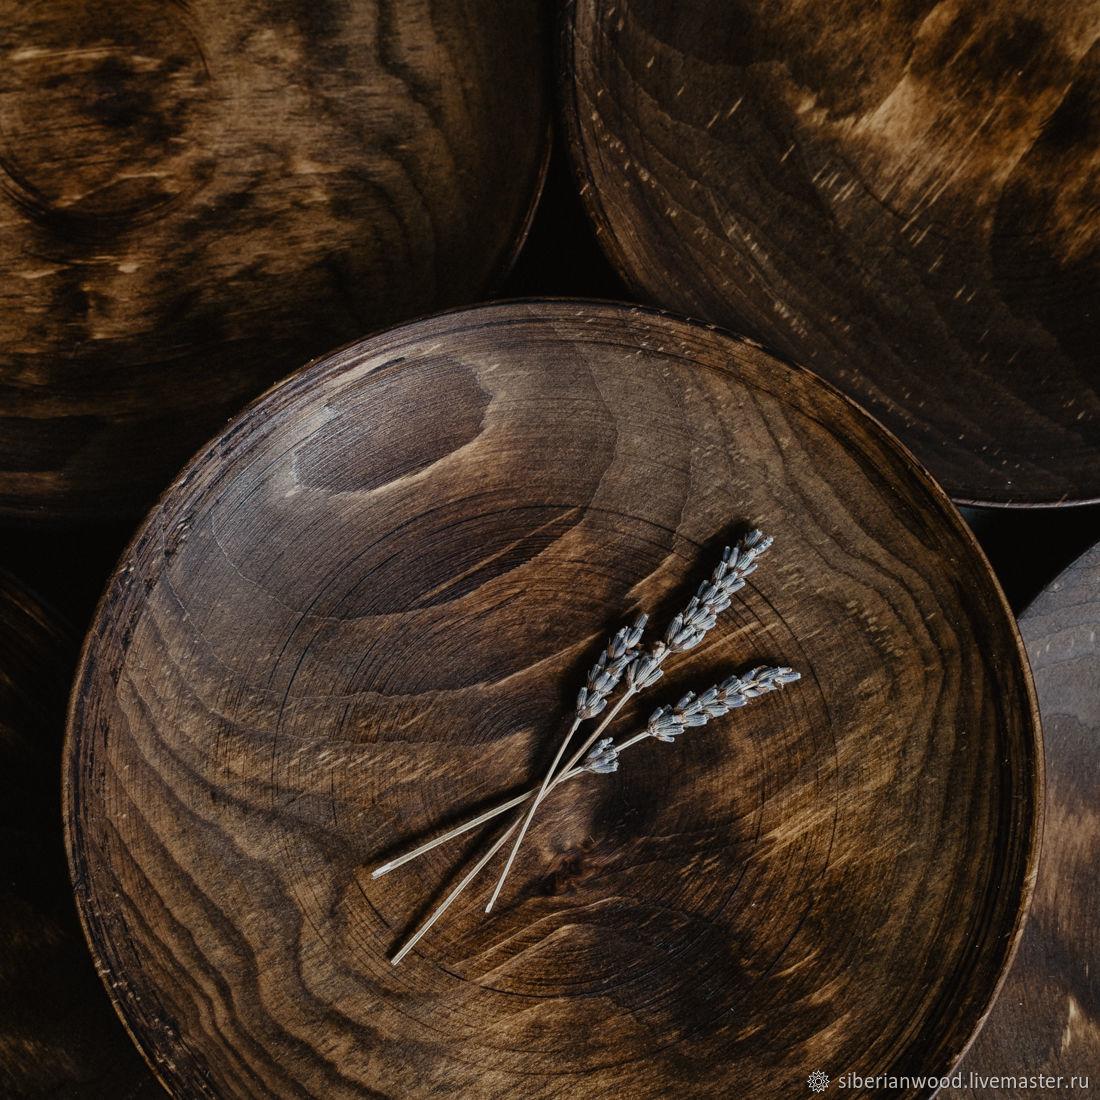 Набор Деревянных Тарелок (6 шт) 25см 100% Сибирская Пихта #TN44, Тарелки, Новокузнецк,  Фото №1